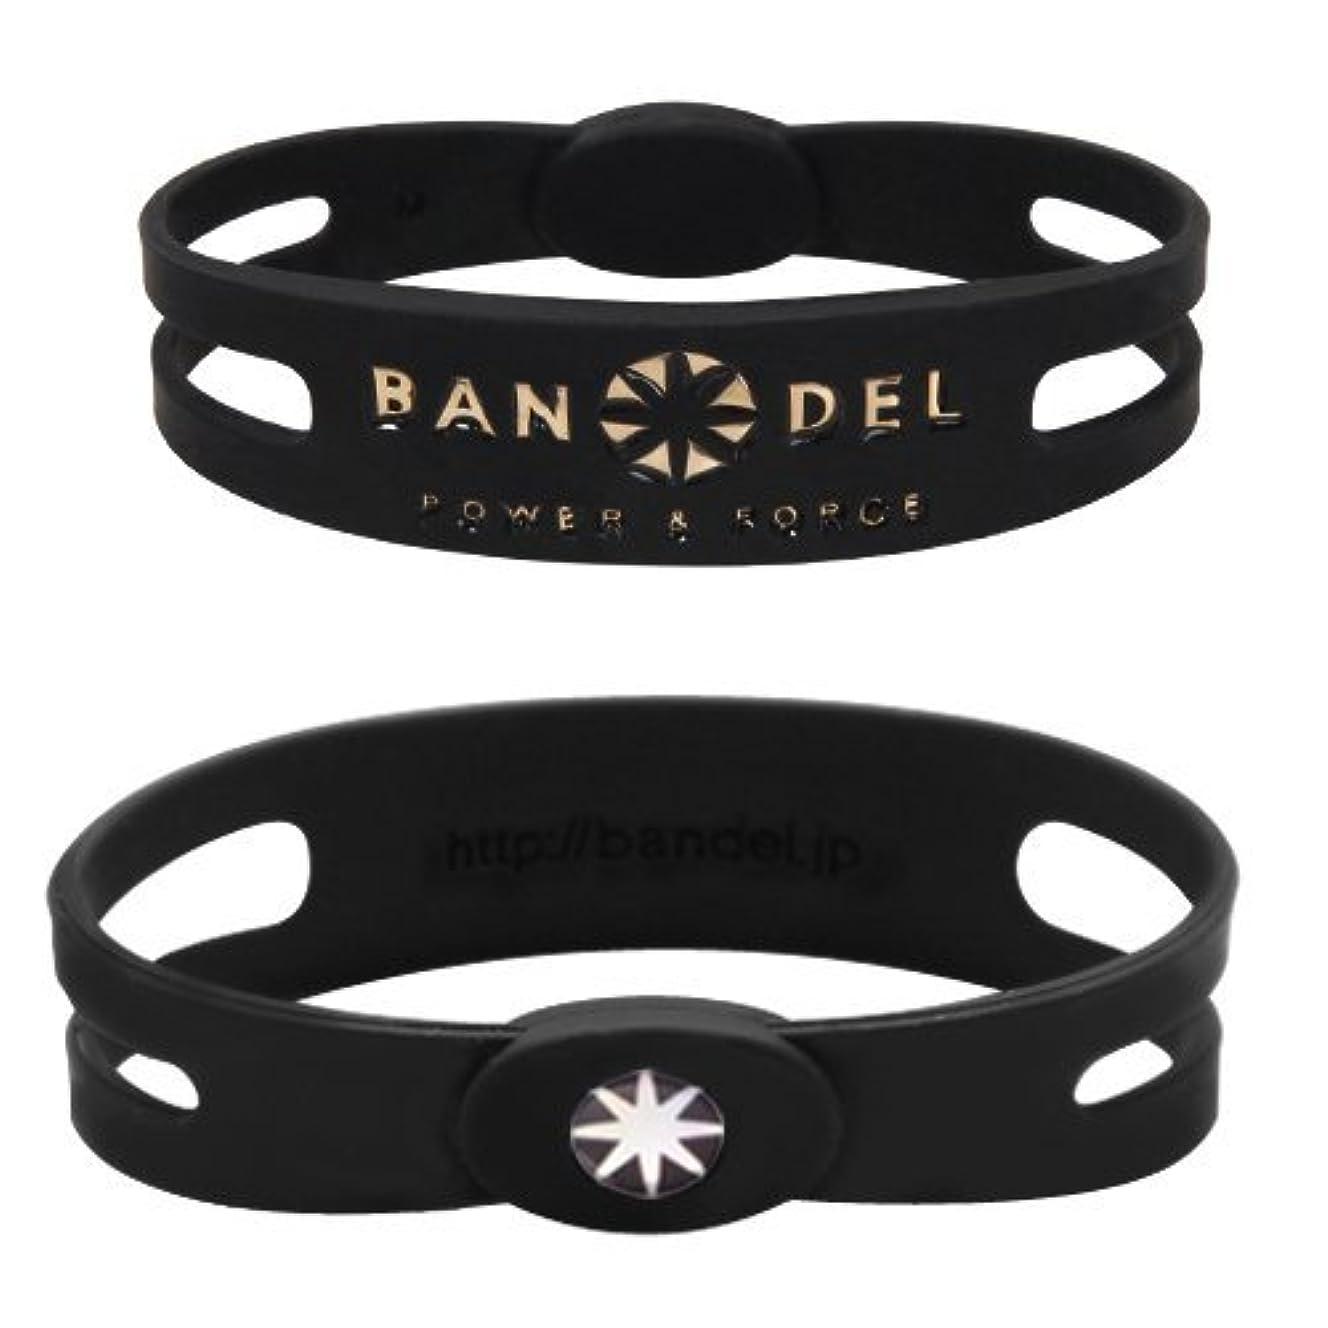 荷物ガイダンス浸すバンデル(BANDEL) メタルプレート スポーツギア シリコンブレスレット(ブラック×ゴールド) Mサイズ